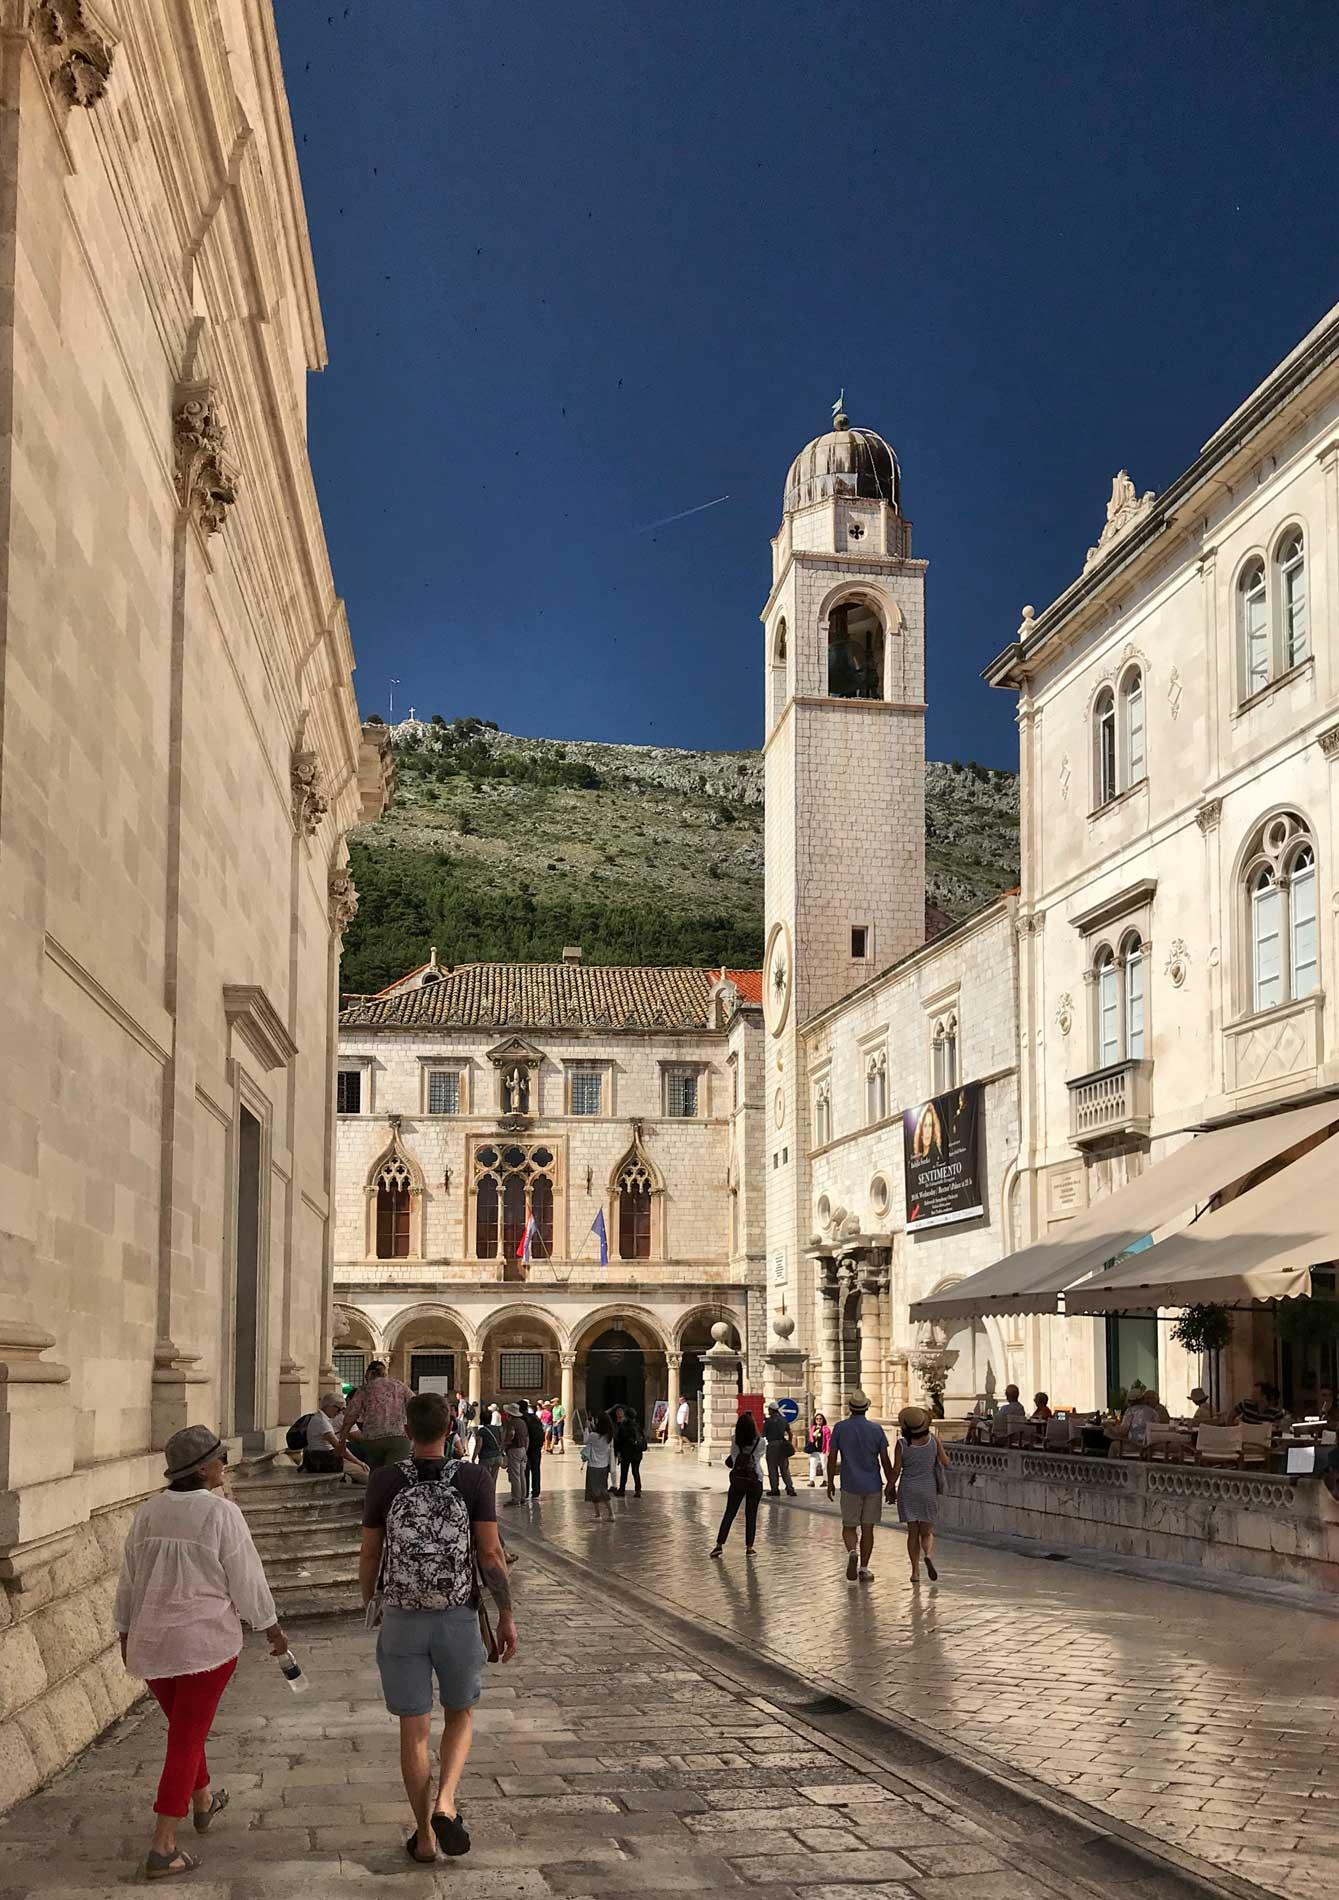 Piazza-della-Loggia-torre-dellorologio-Dubrovnik-Croazia